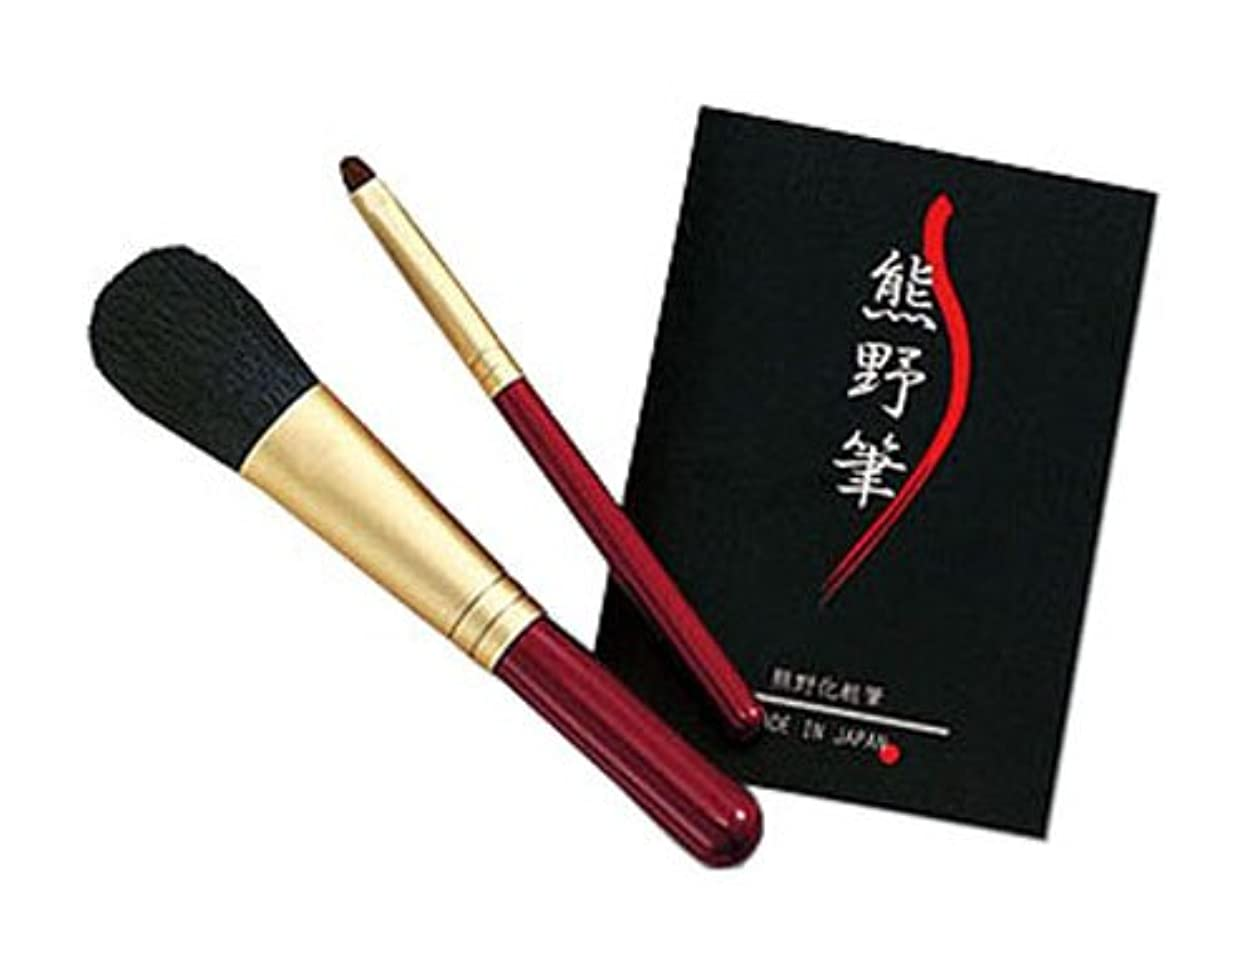 とトレイ神の熊野筆 化粧筆セット 筆の心 KFi-50R